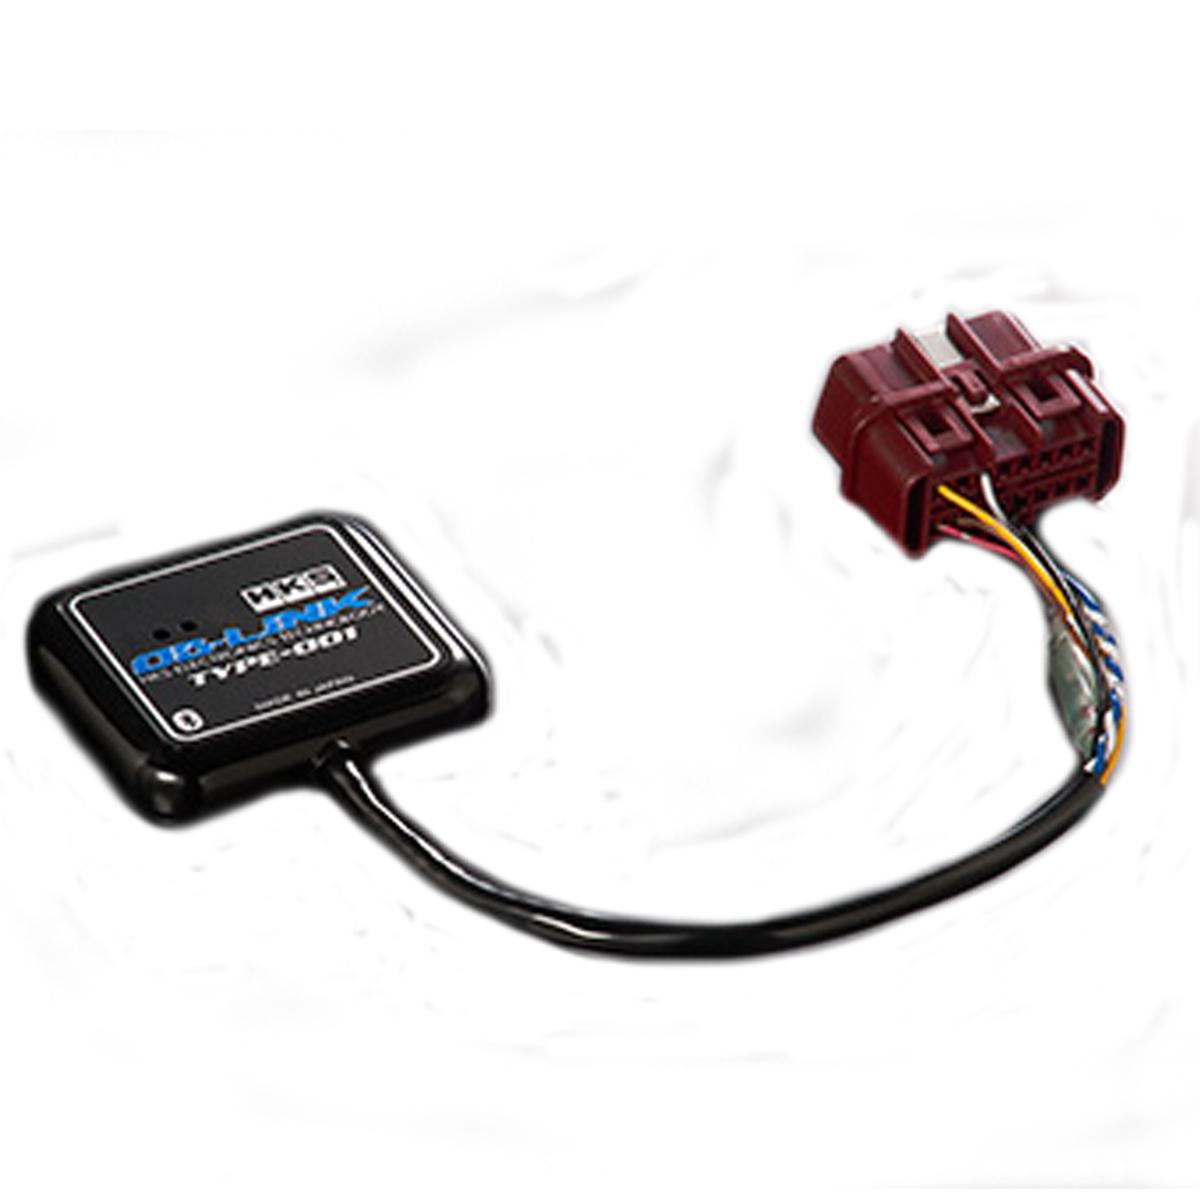 インプレッサスポーツワゴン モニター OBリンク タイプ 001 GF8 HKS 44009-AK002 エレクトリニクス 個人宅発送追金有